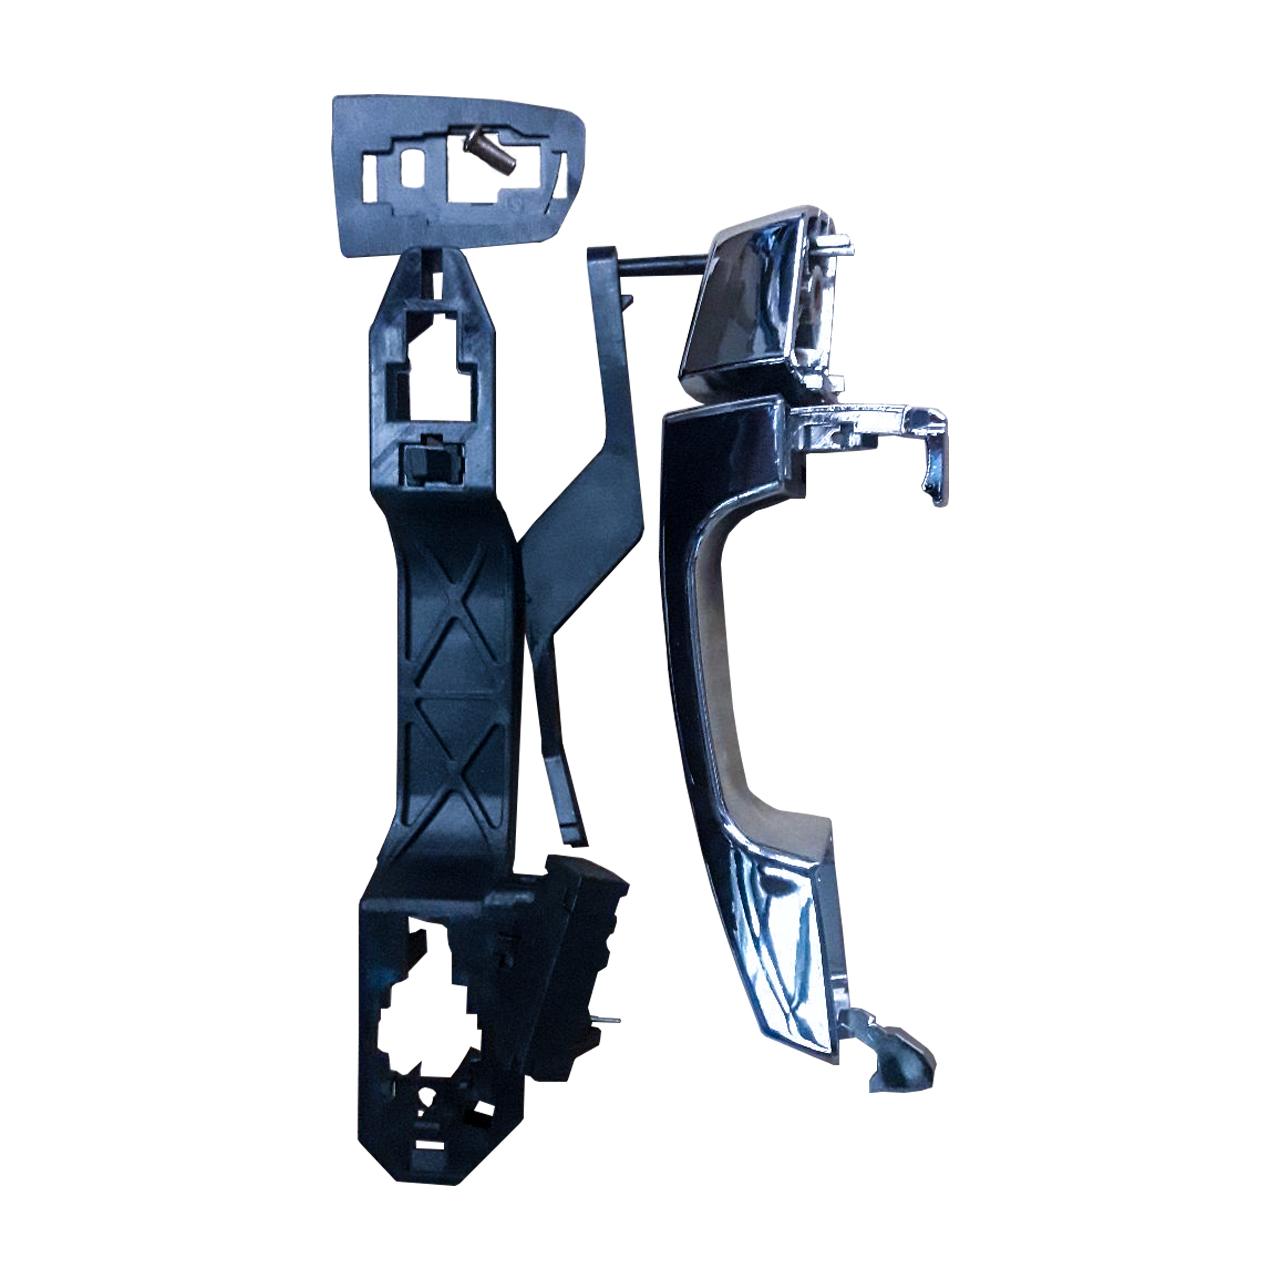 دستگیره بیرونی عقب راست در خودرو مدل S6205400A2 مناسب برای لیفان X60